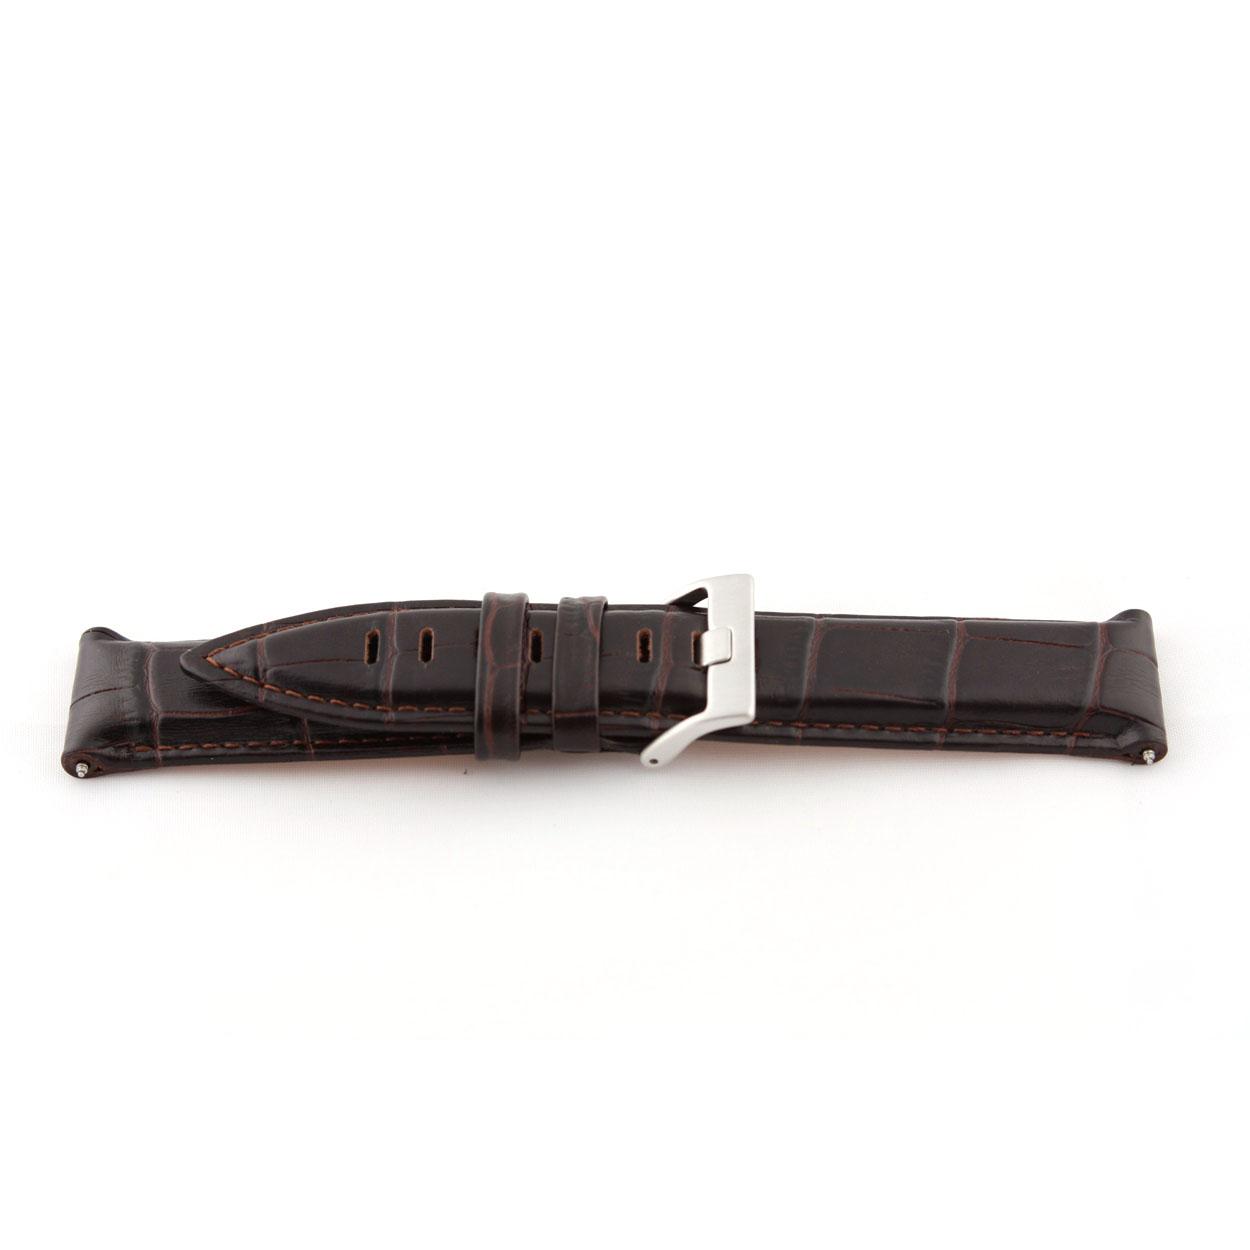 Echt lederen horloge band donker croco bruin 22mm EX-G119